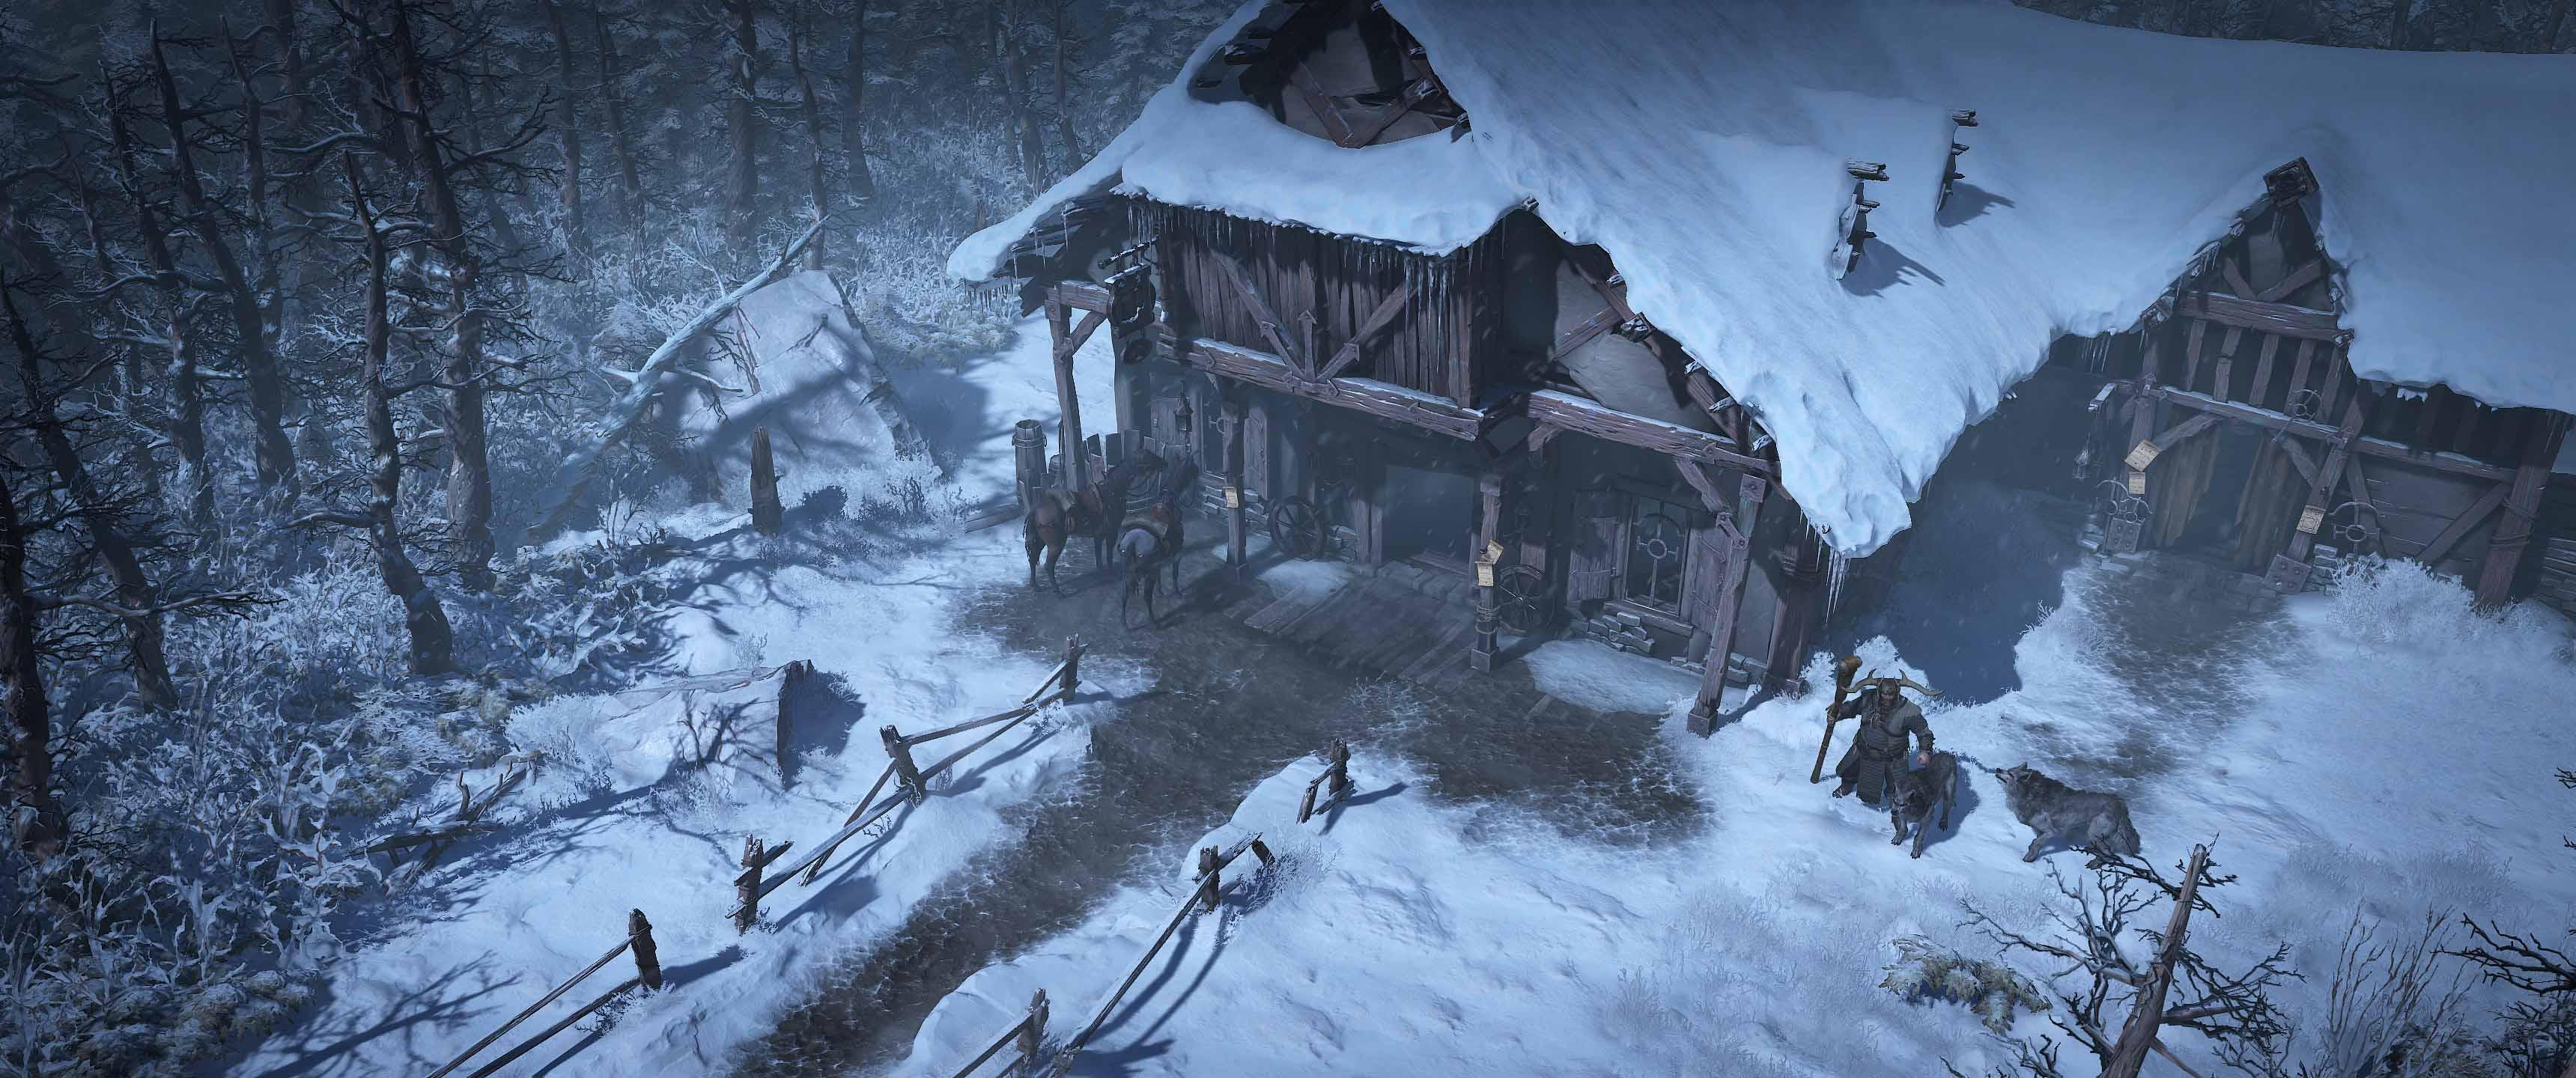 暴雪嘉年华:《暗黑4》首批高清截图 画质大幅度进化